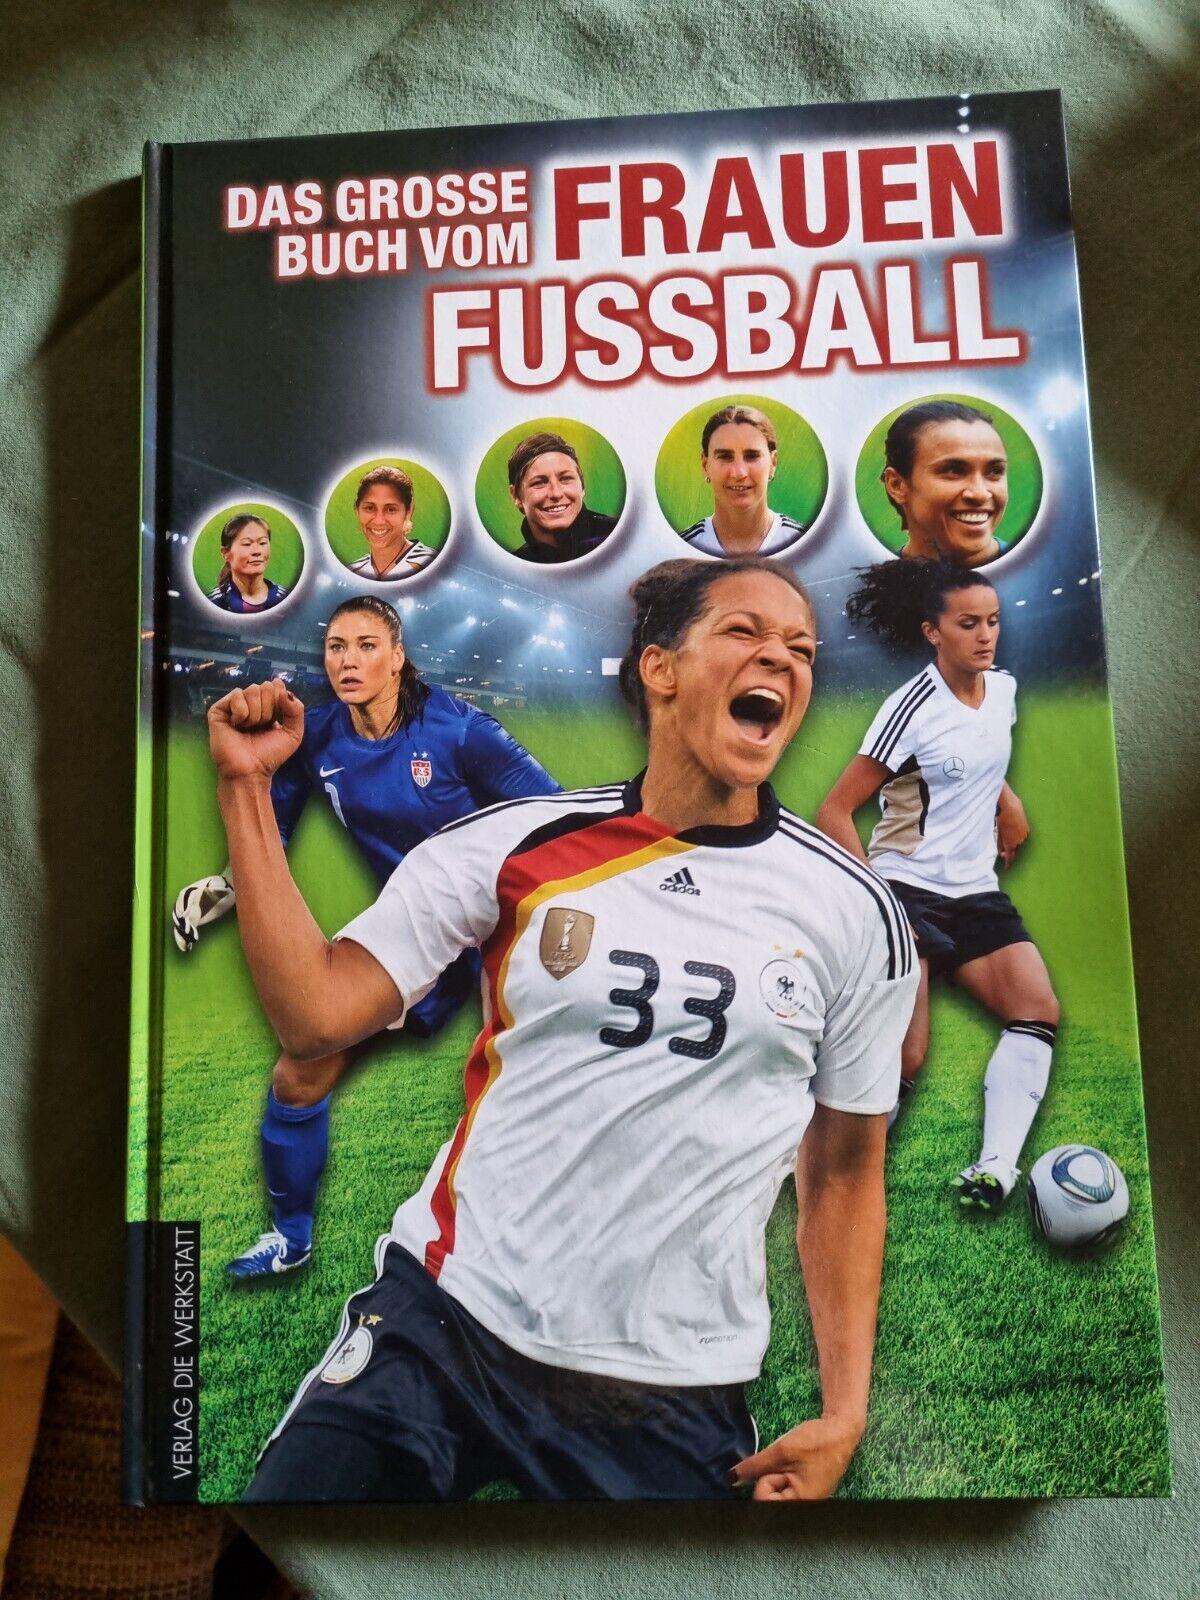 Das Grosse Buch vom Frauen Fussball - Christoph Bausenwein